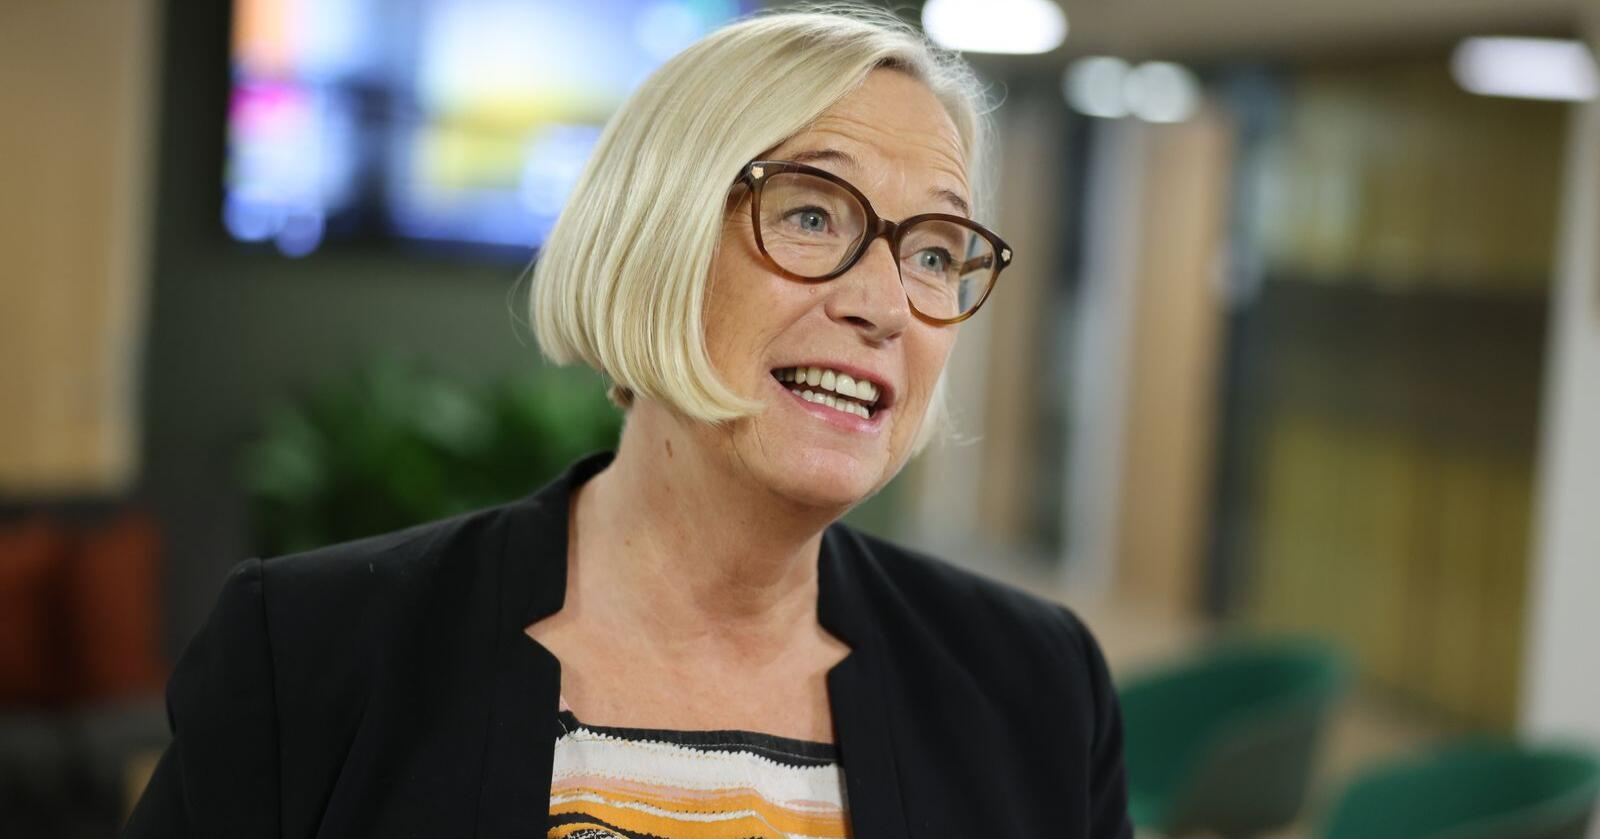 Senterpartiets parlamentariske leder Marit Arnstad vil ha full sal når Stortinget behandler EUs fjerde jernbanepakke. Hun håper Stortinget vil sende saken i retur til regjeringen. Foto: Ørn E. Borgen / NTB